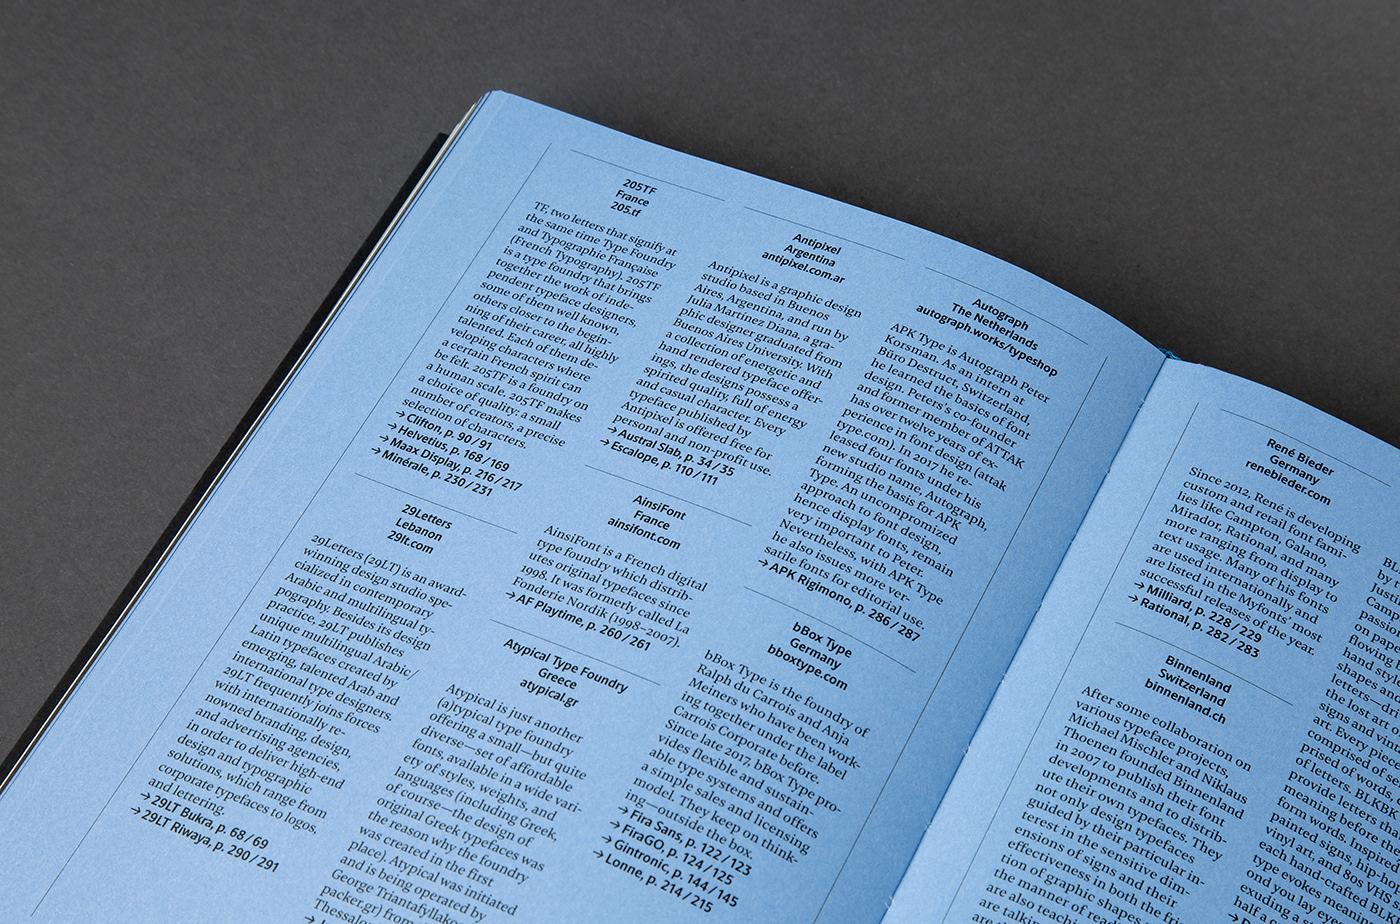 Yearbook of Type III on Behance